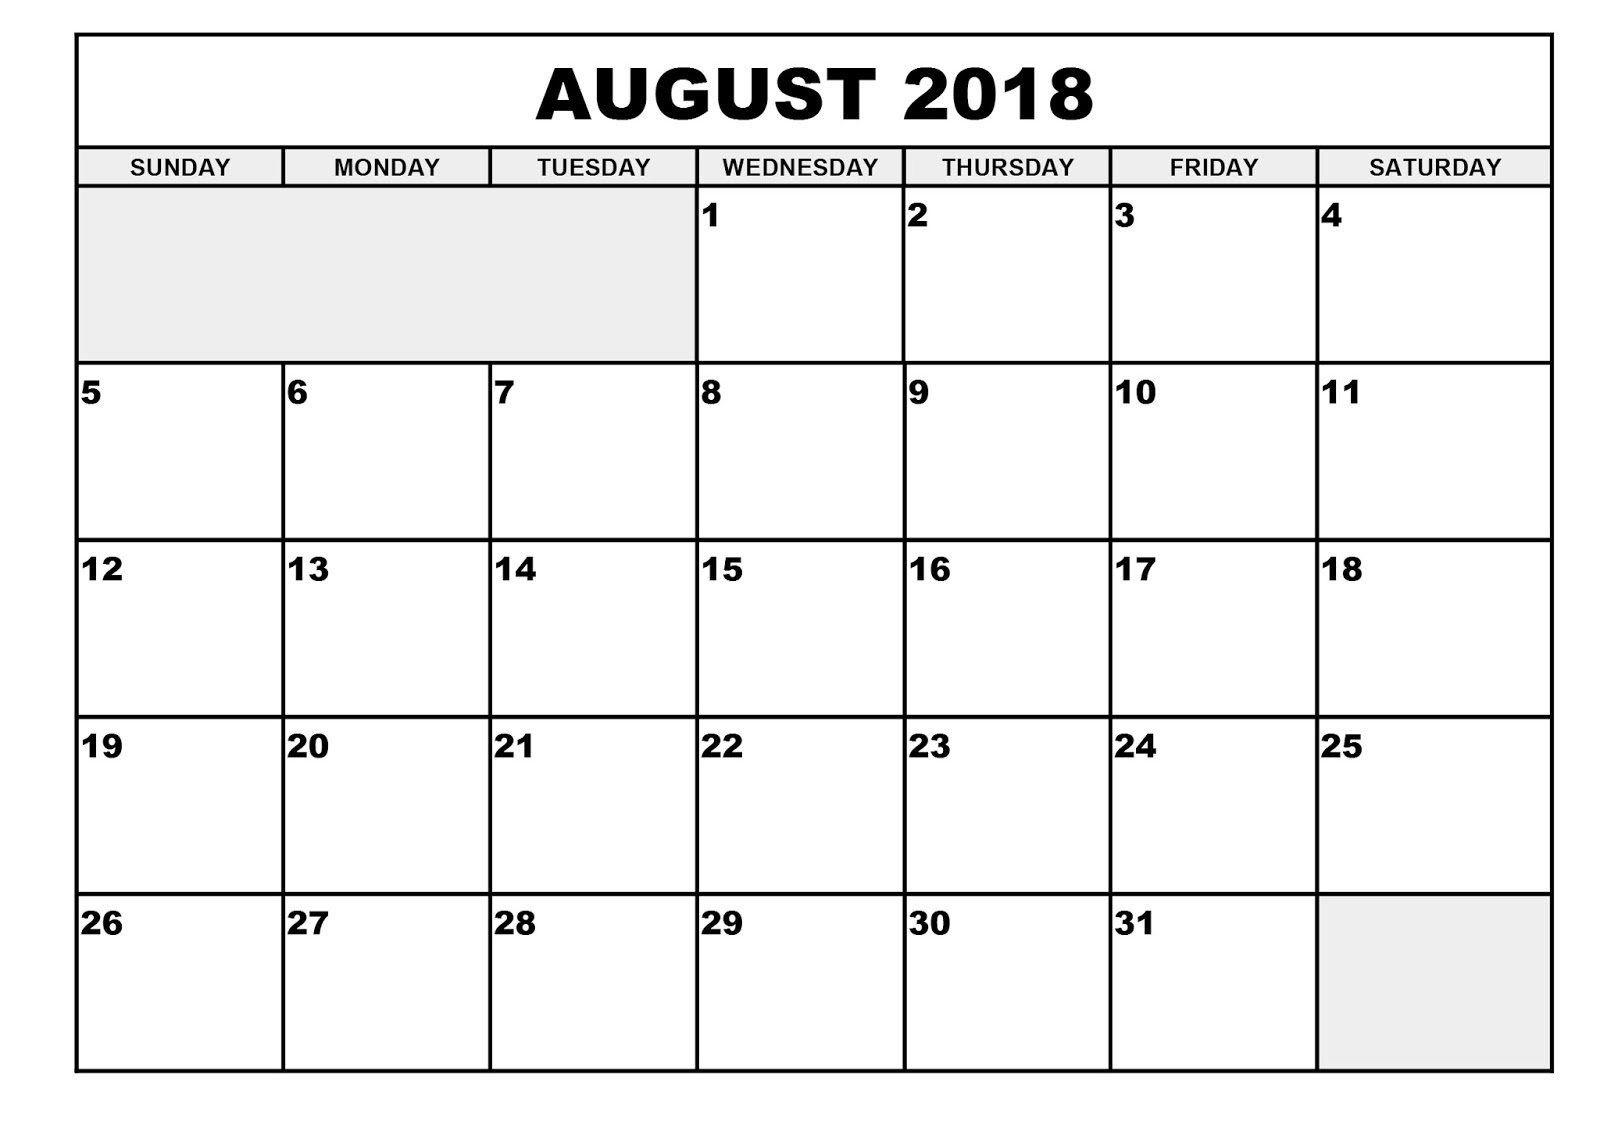 Depo Provera Printable Calendar 2018 2018 Calendar